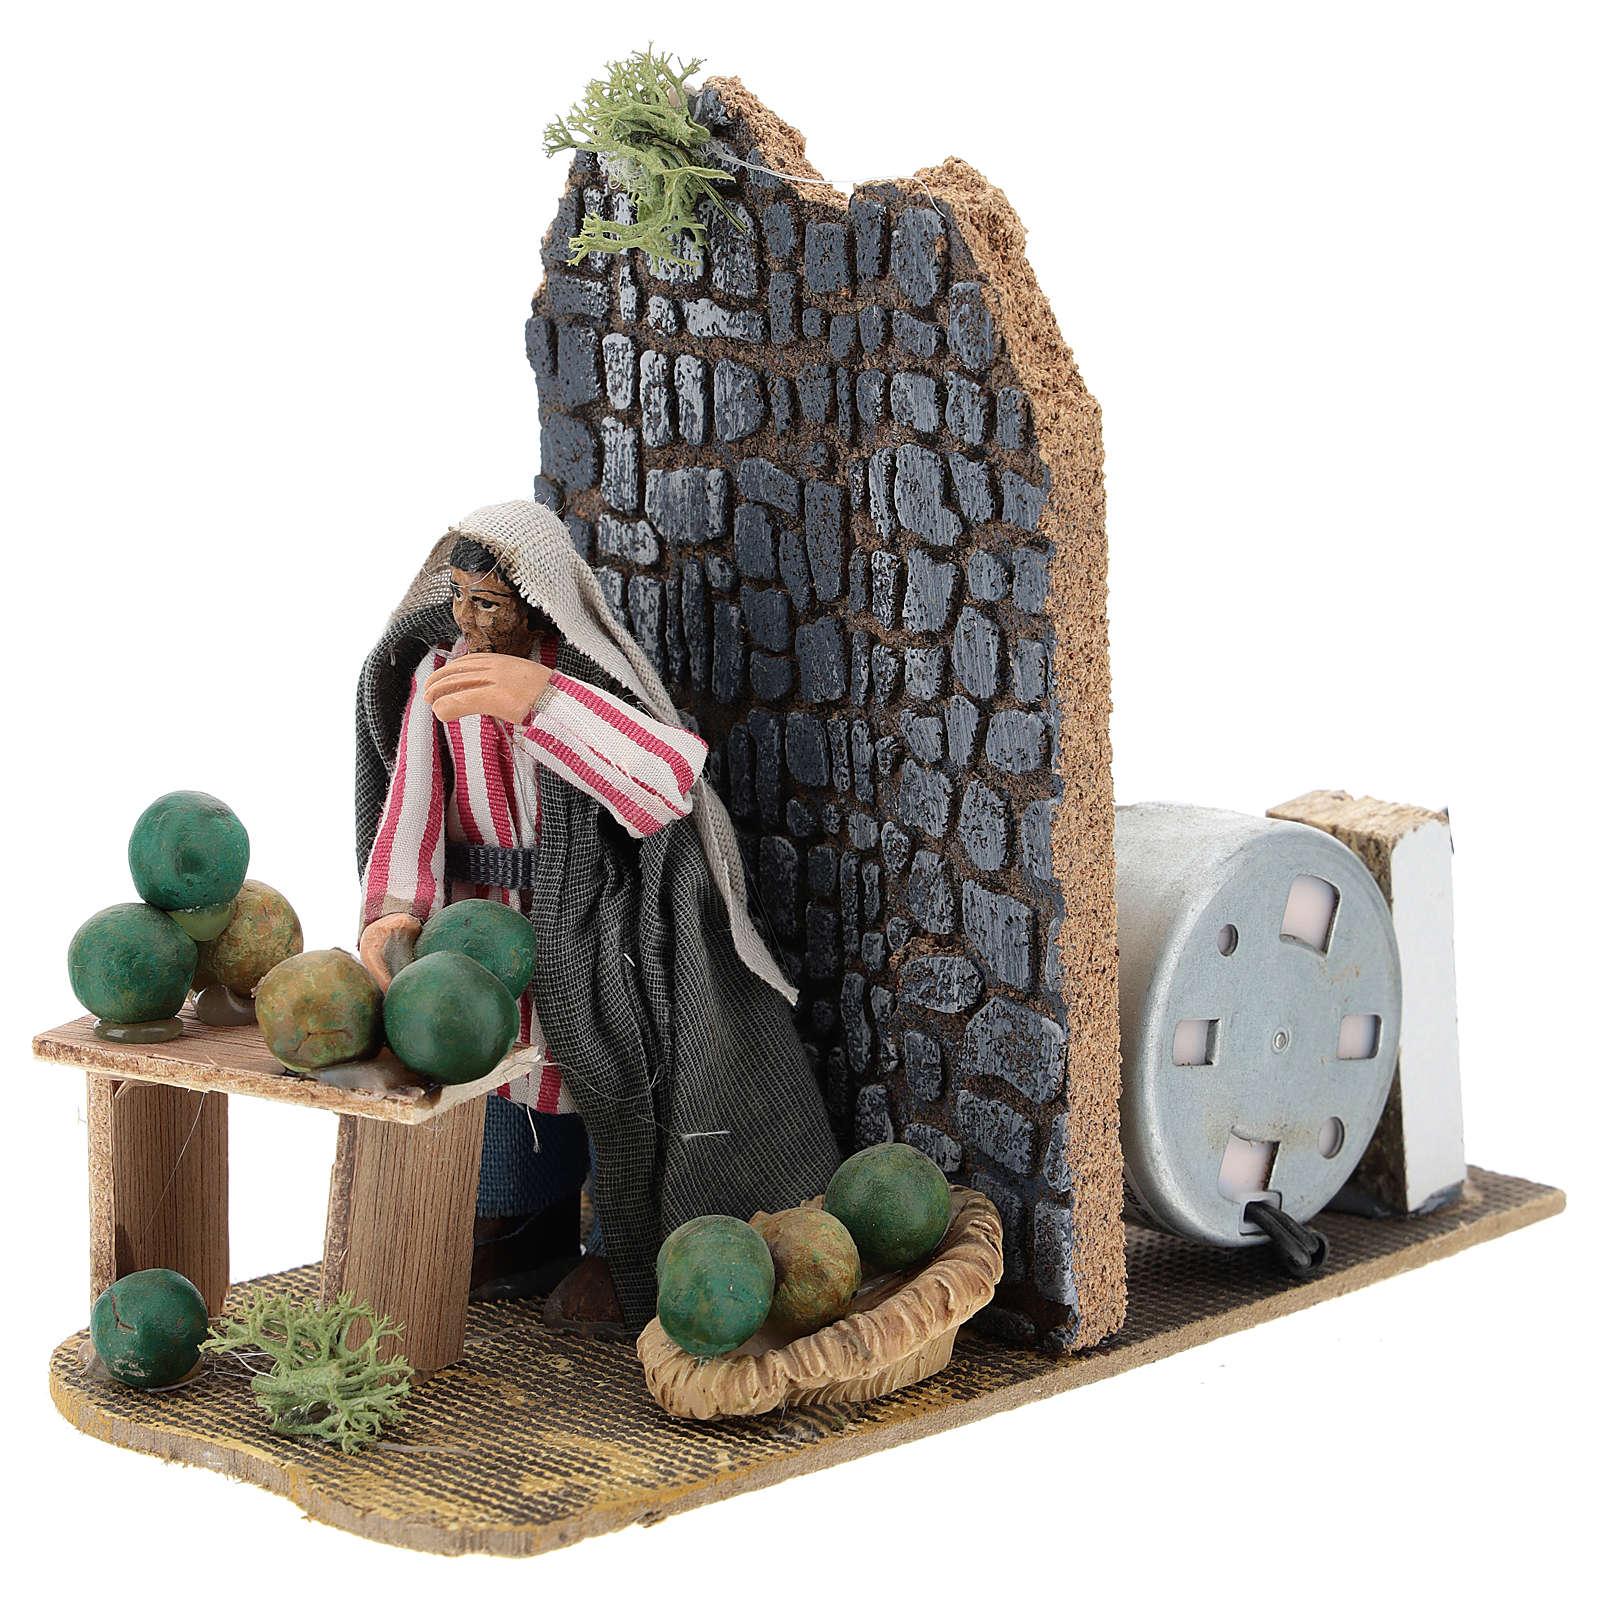 Moving melon seller for Neapolitan Nativity Scene 7 cm 4